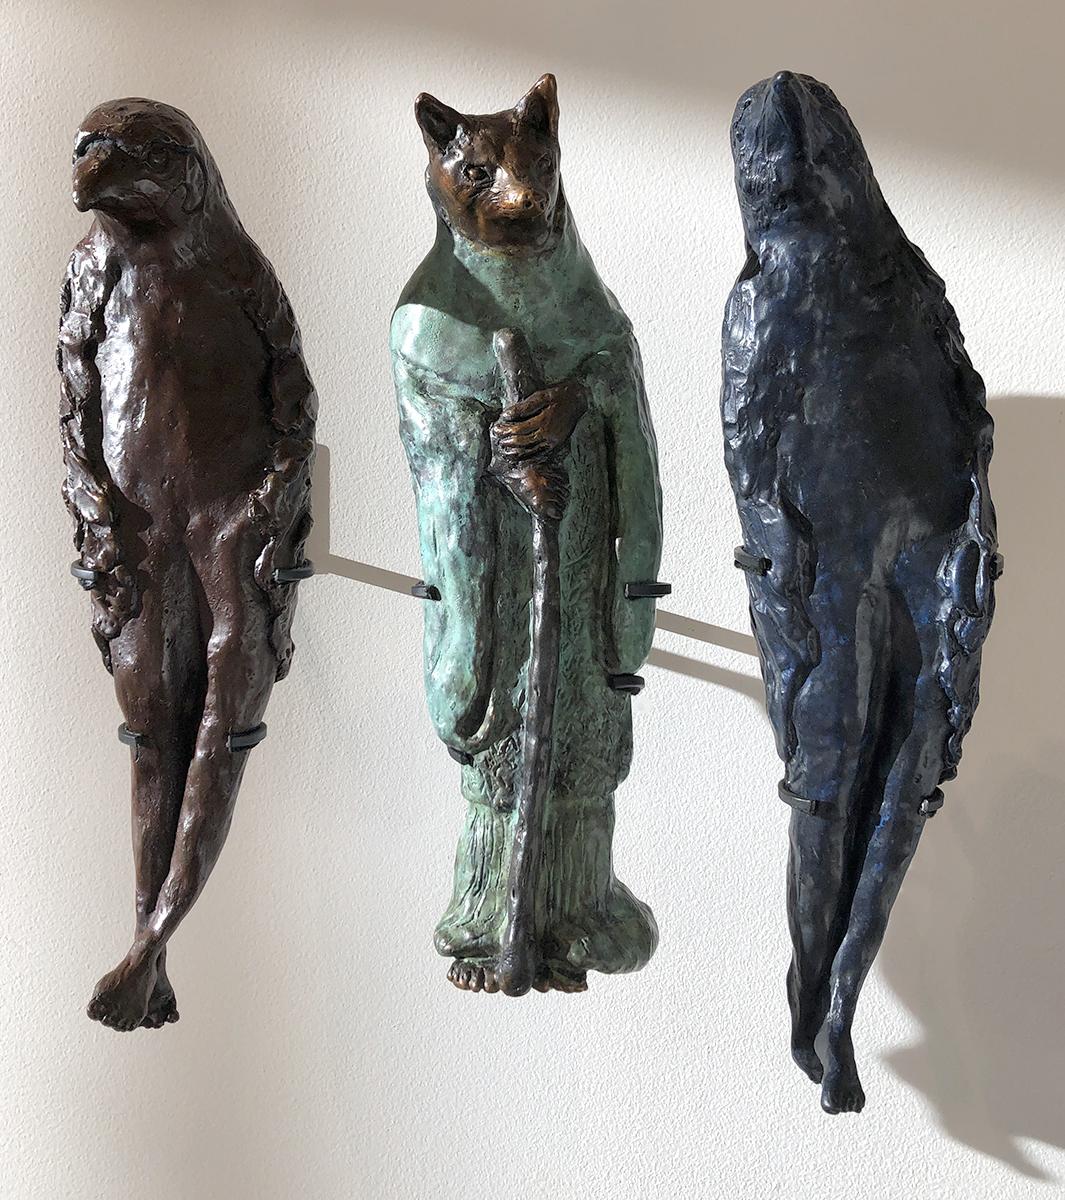 Falcon/Horus II, Kitsune III, Birdman IX, Trio